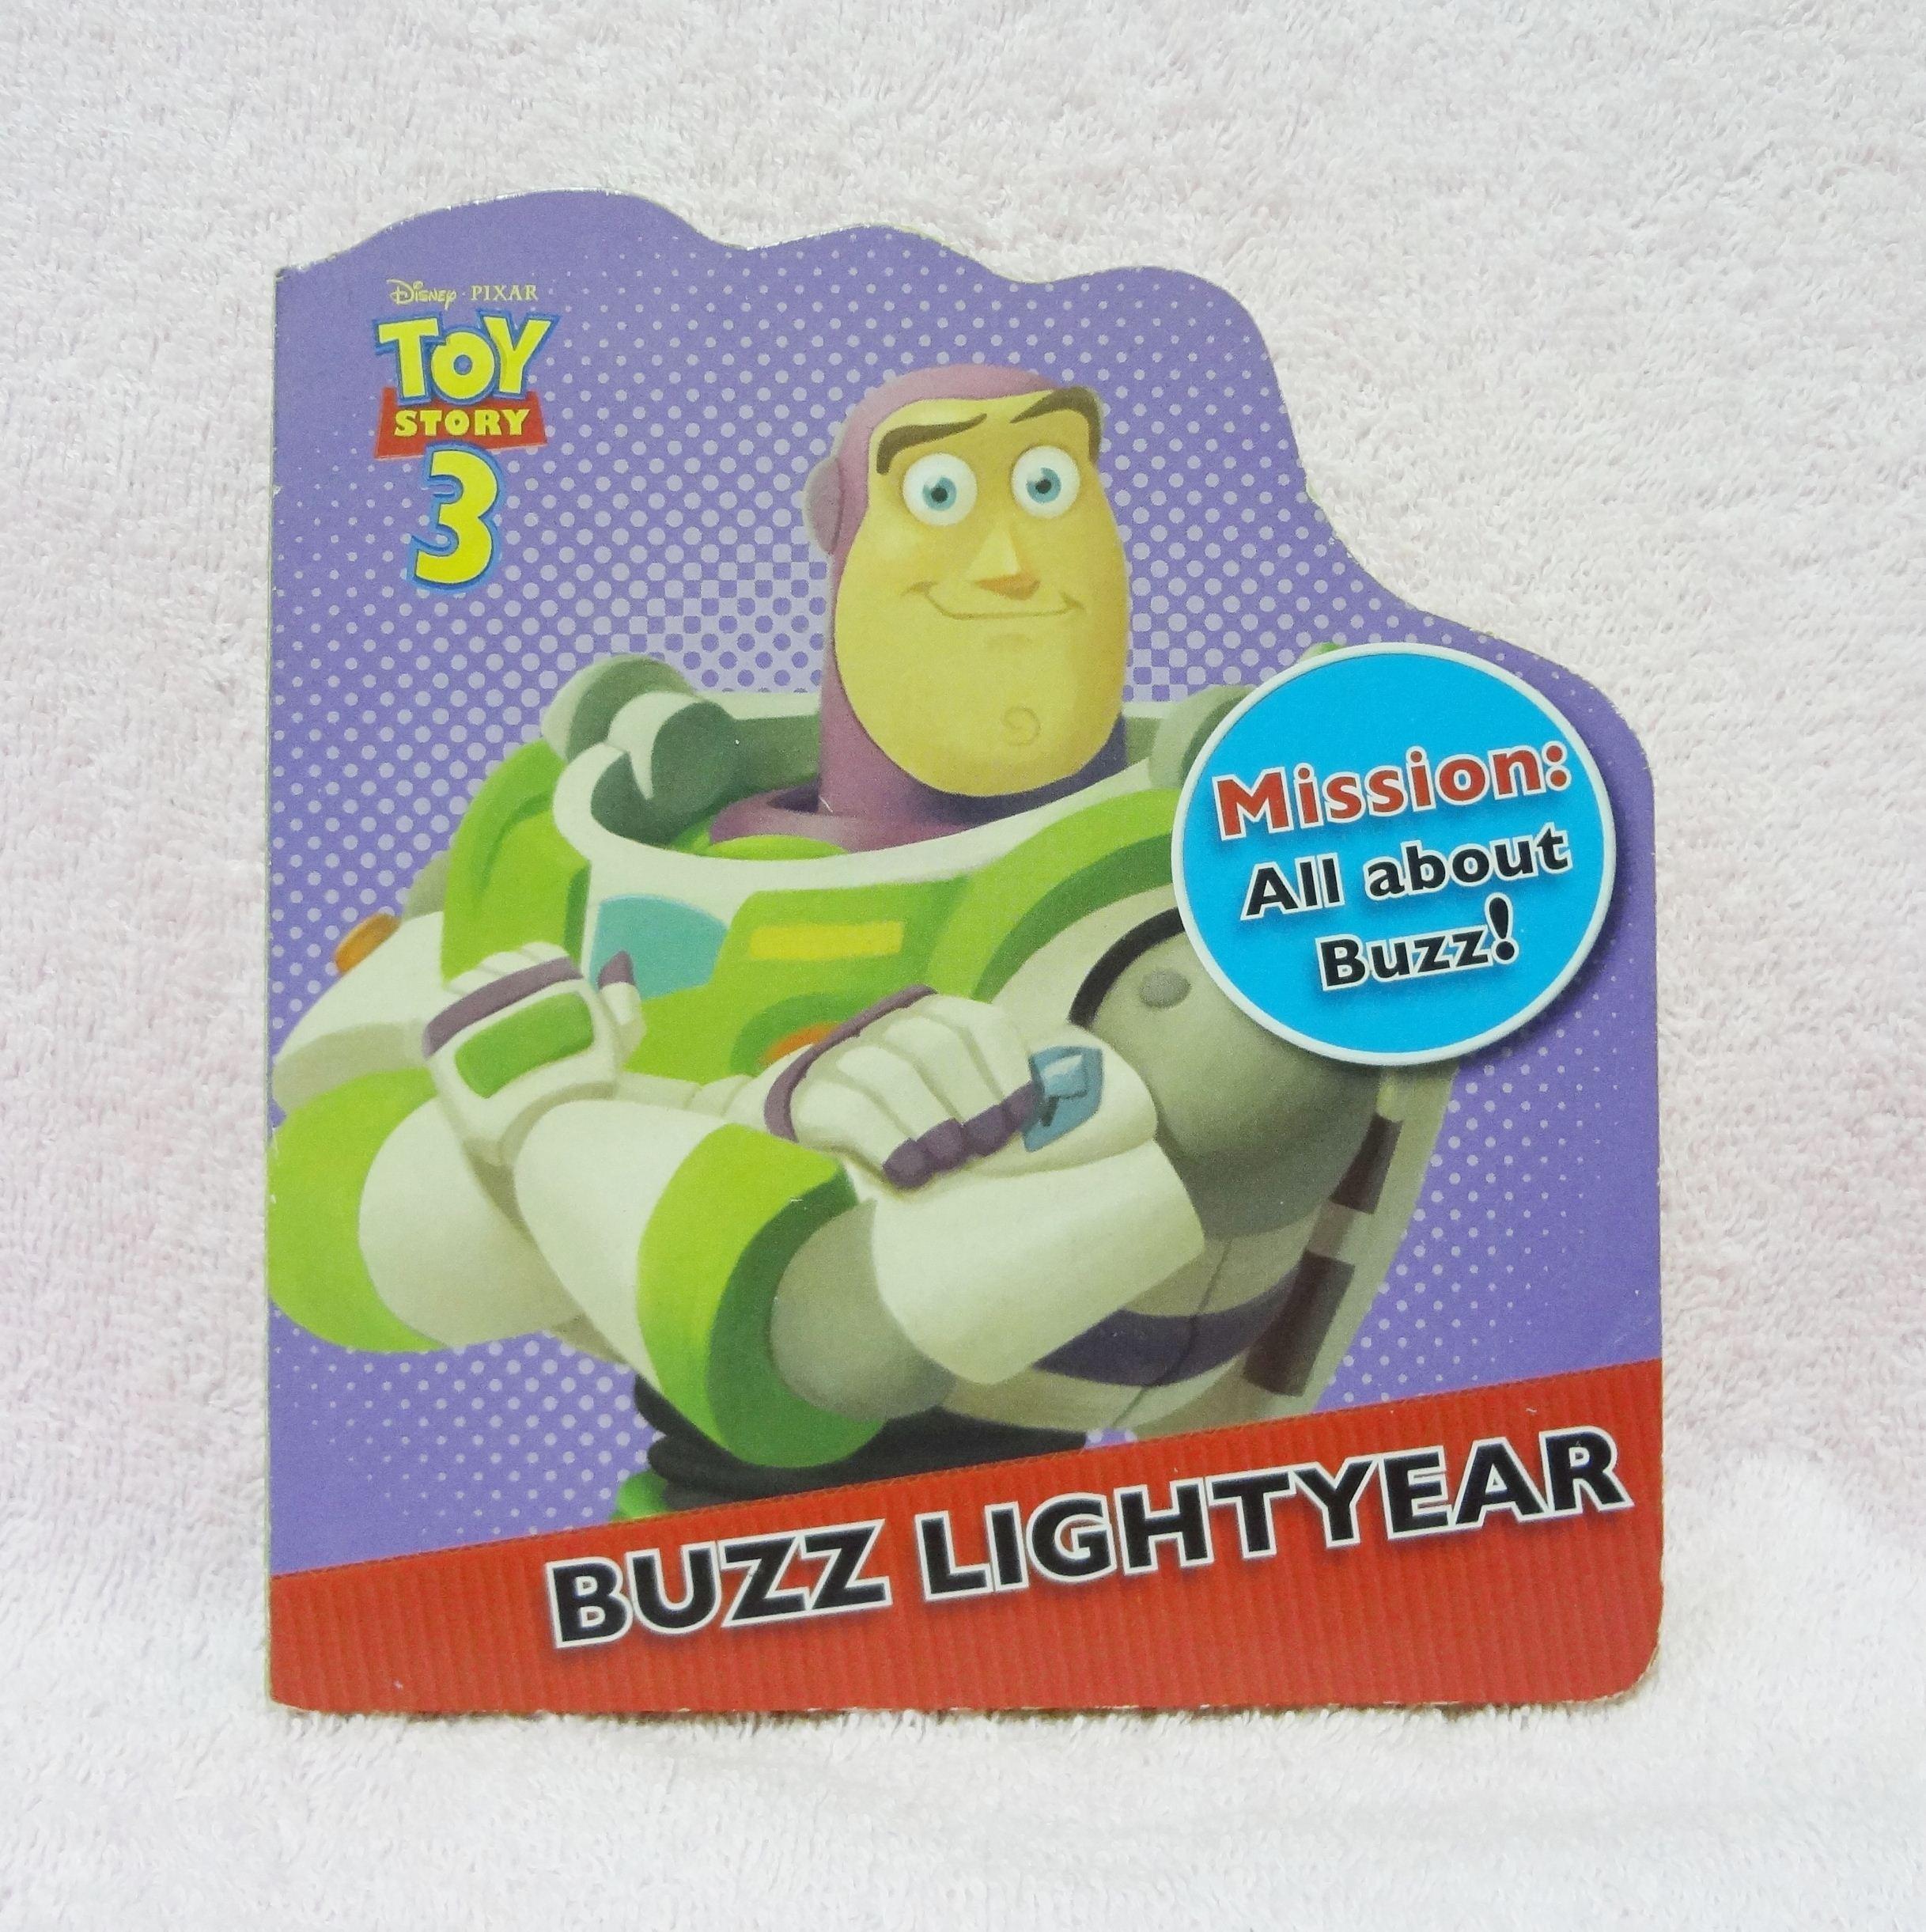 หนังสือนิทาน Toy Story 3 - Buzz Lightyear